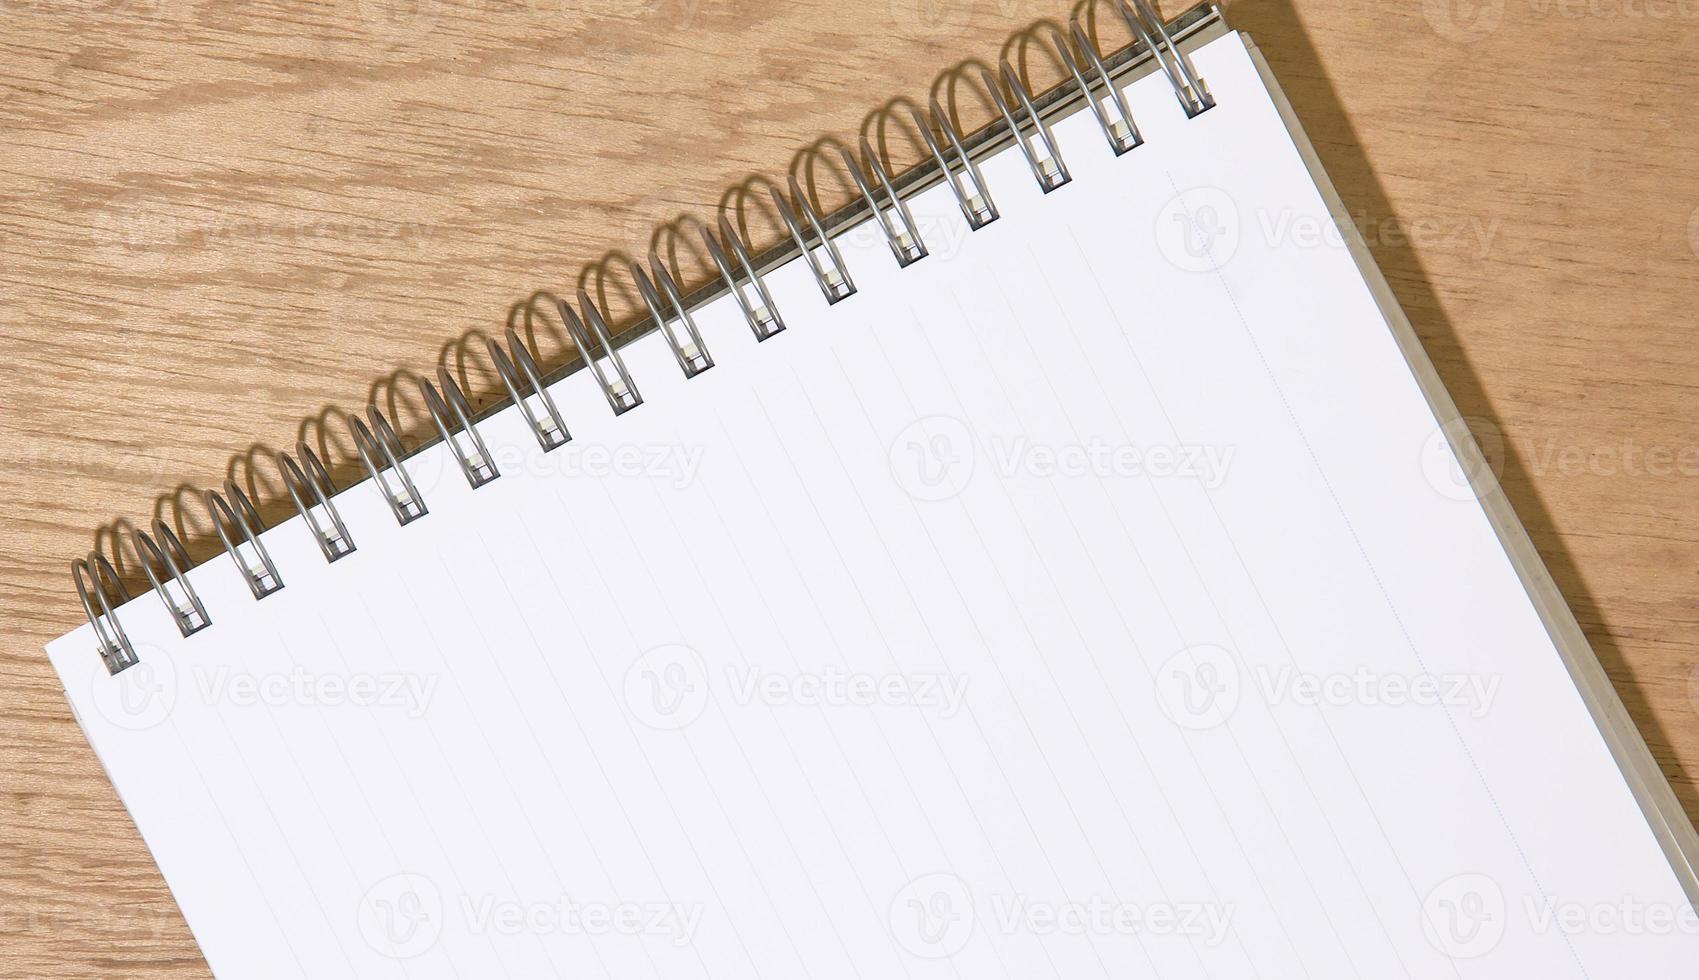 Notizbuch öffnen foto